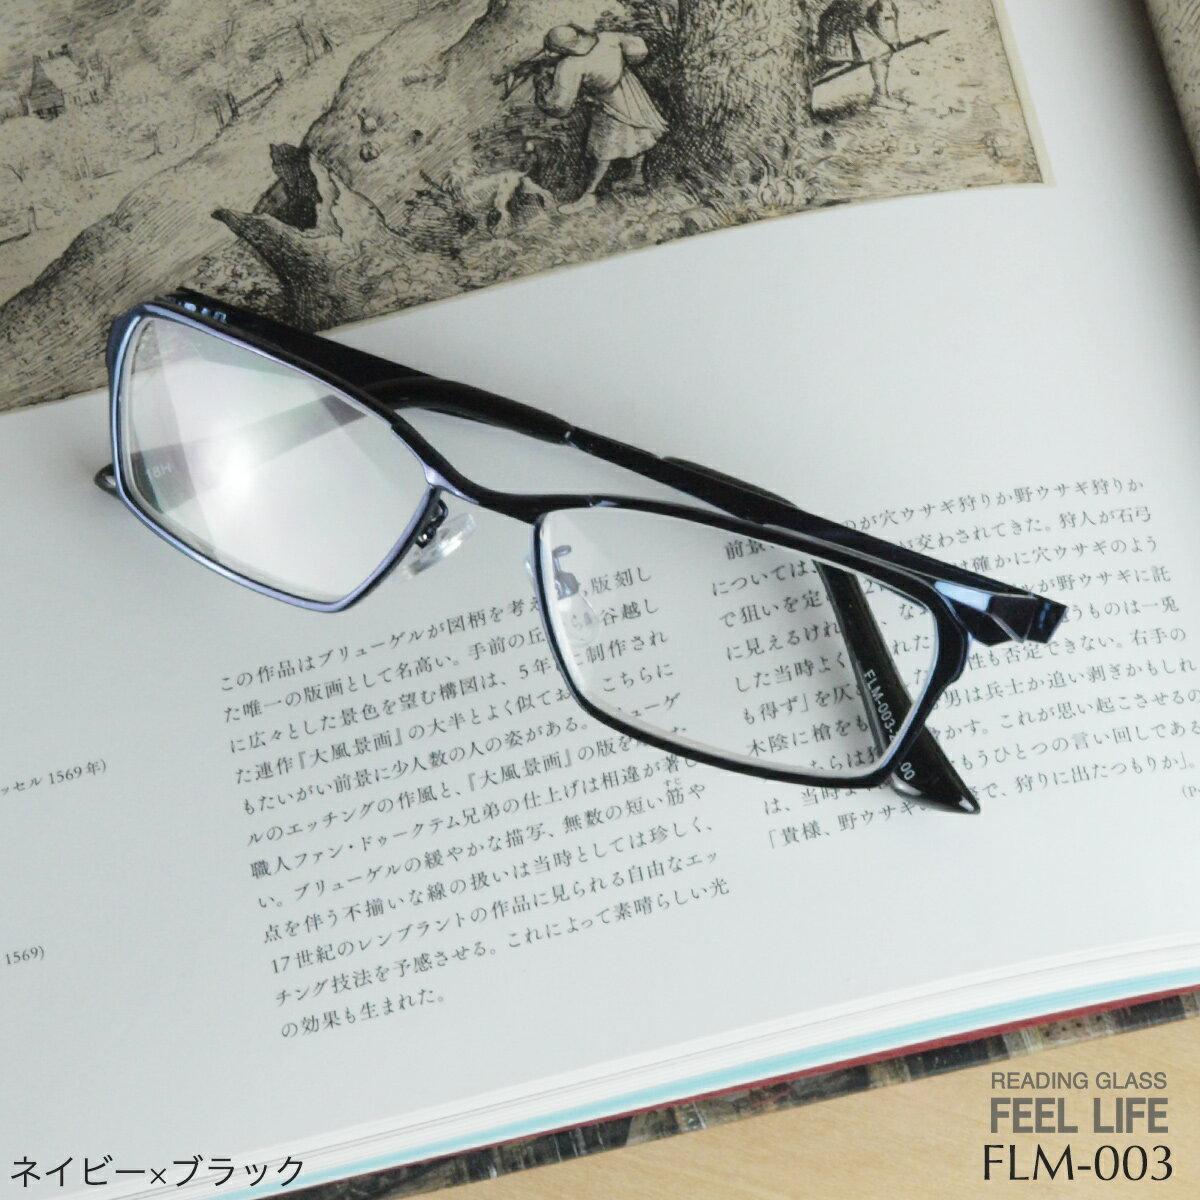 老眼鏡 男性 おしゃれ かっこいい メンズ メタル メタルフレーム 男性用老眼鏡 老眼鏡に見えない リーディンググラス スクエア型 +1.0から 大人のオシャレ シルバー ネイビー FEEL LIFE FLM-003